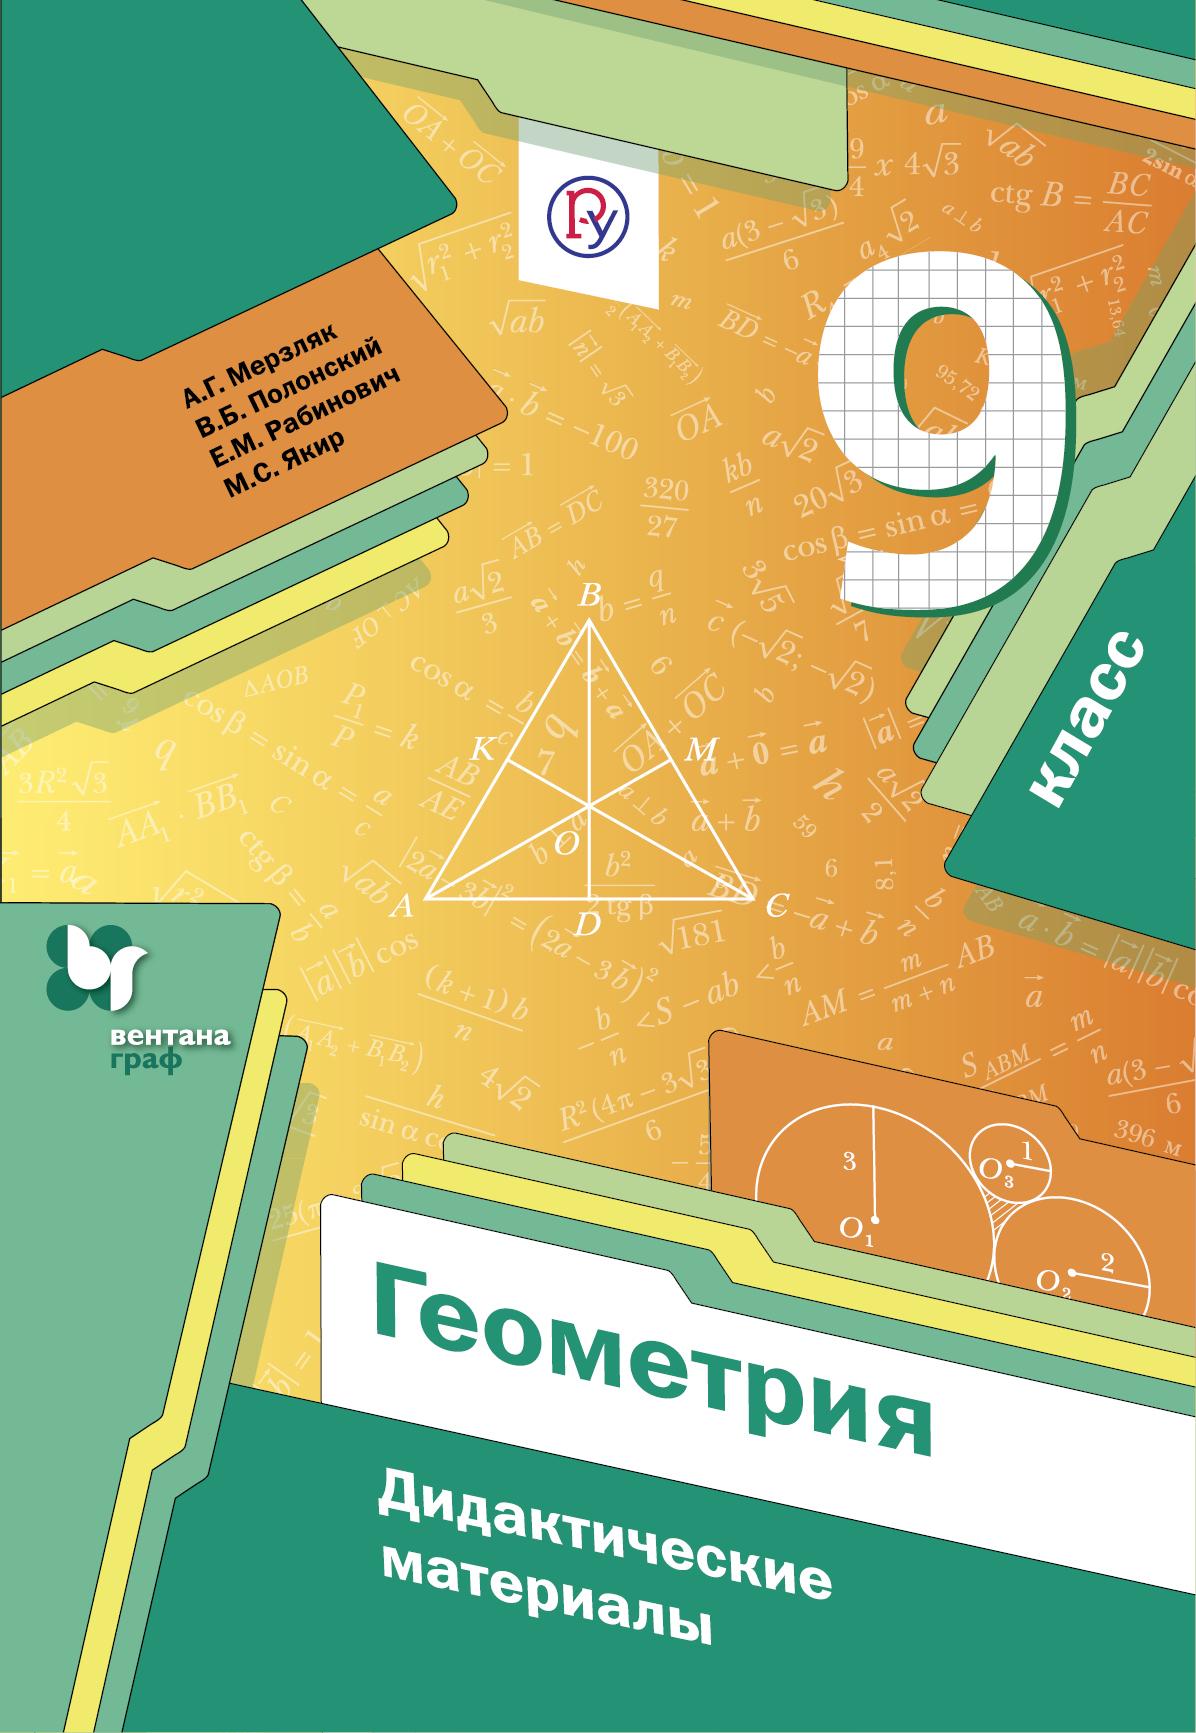 А. Г. Мерзляк Геометрия. Дидактические материалы. 9 класс клауд г 9 принципов успеха в любви и жизни